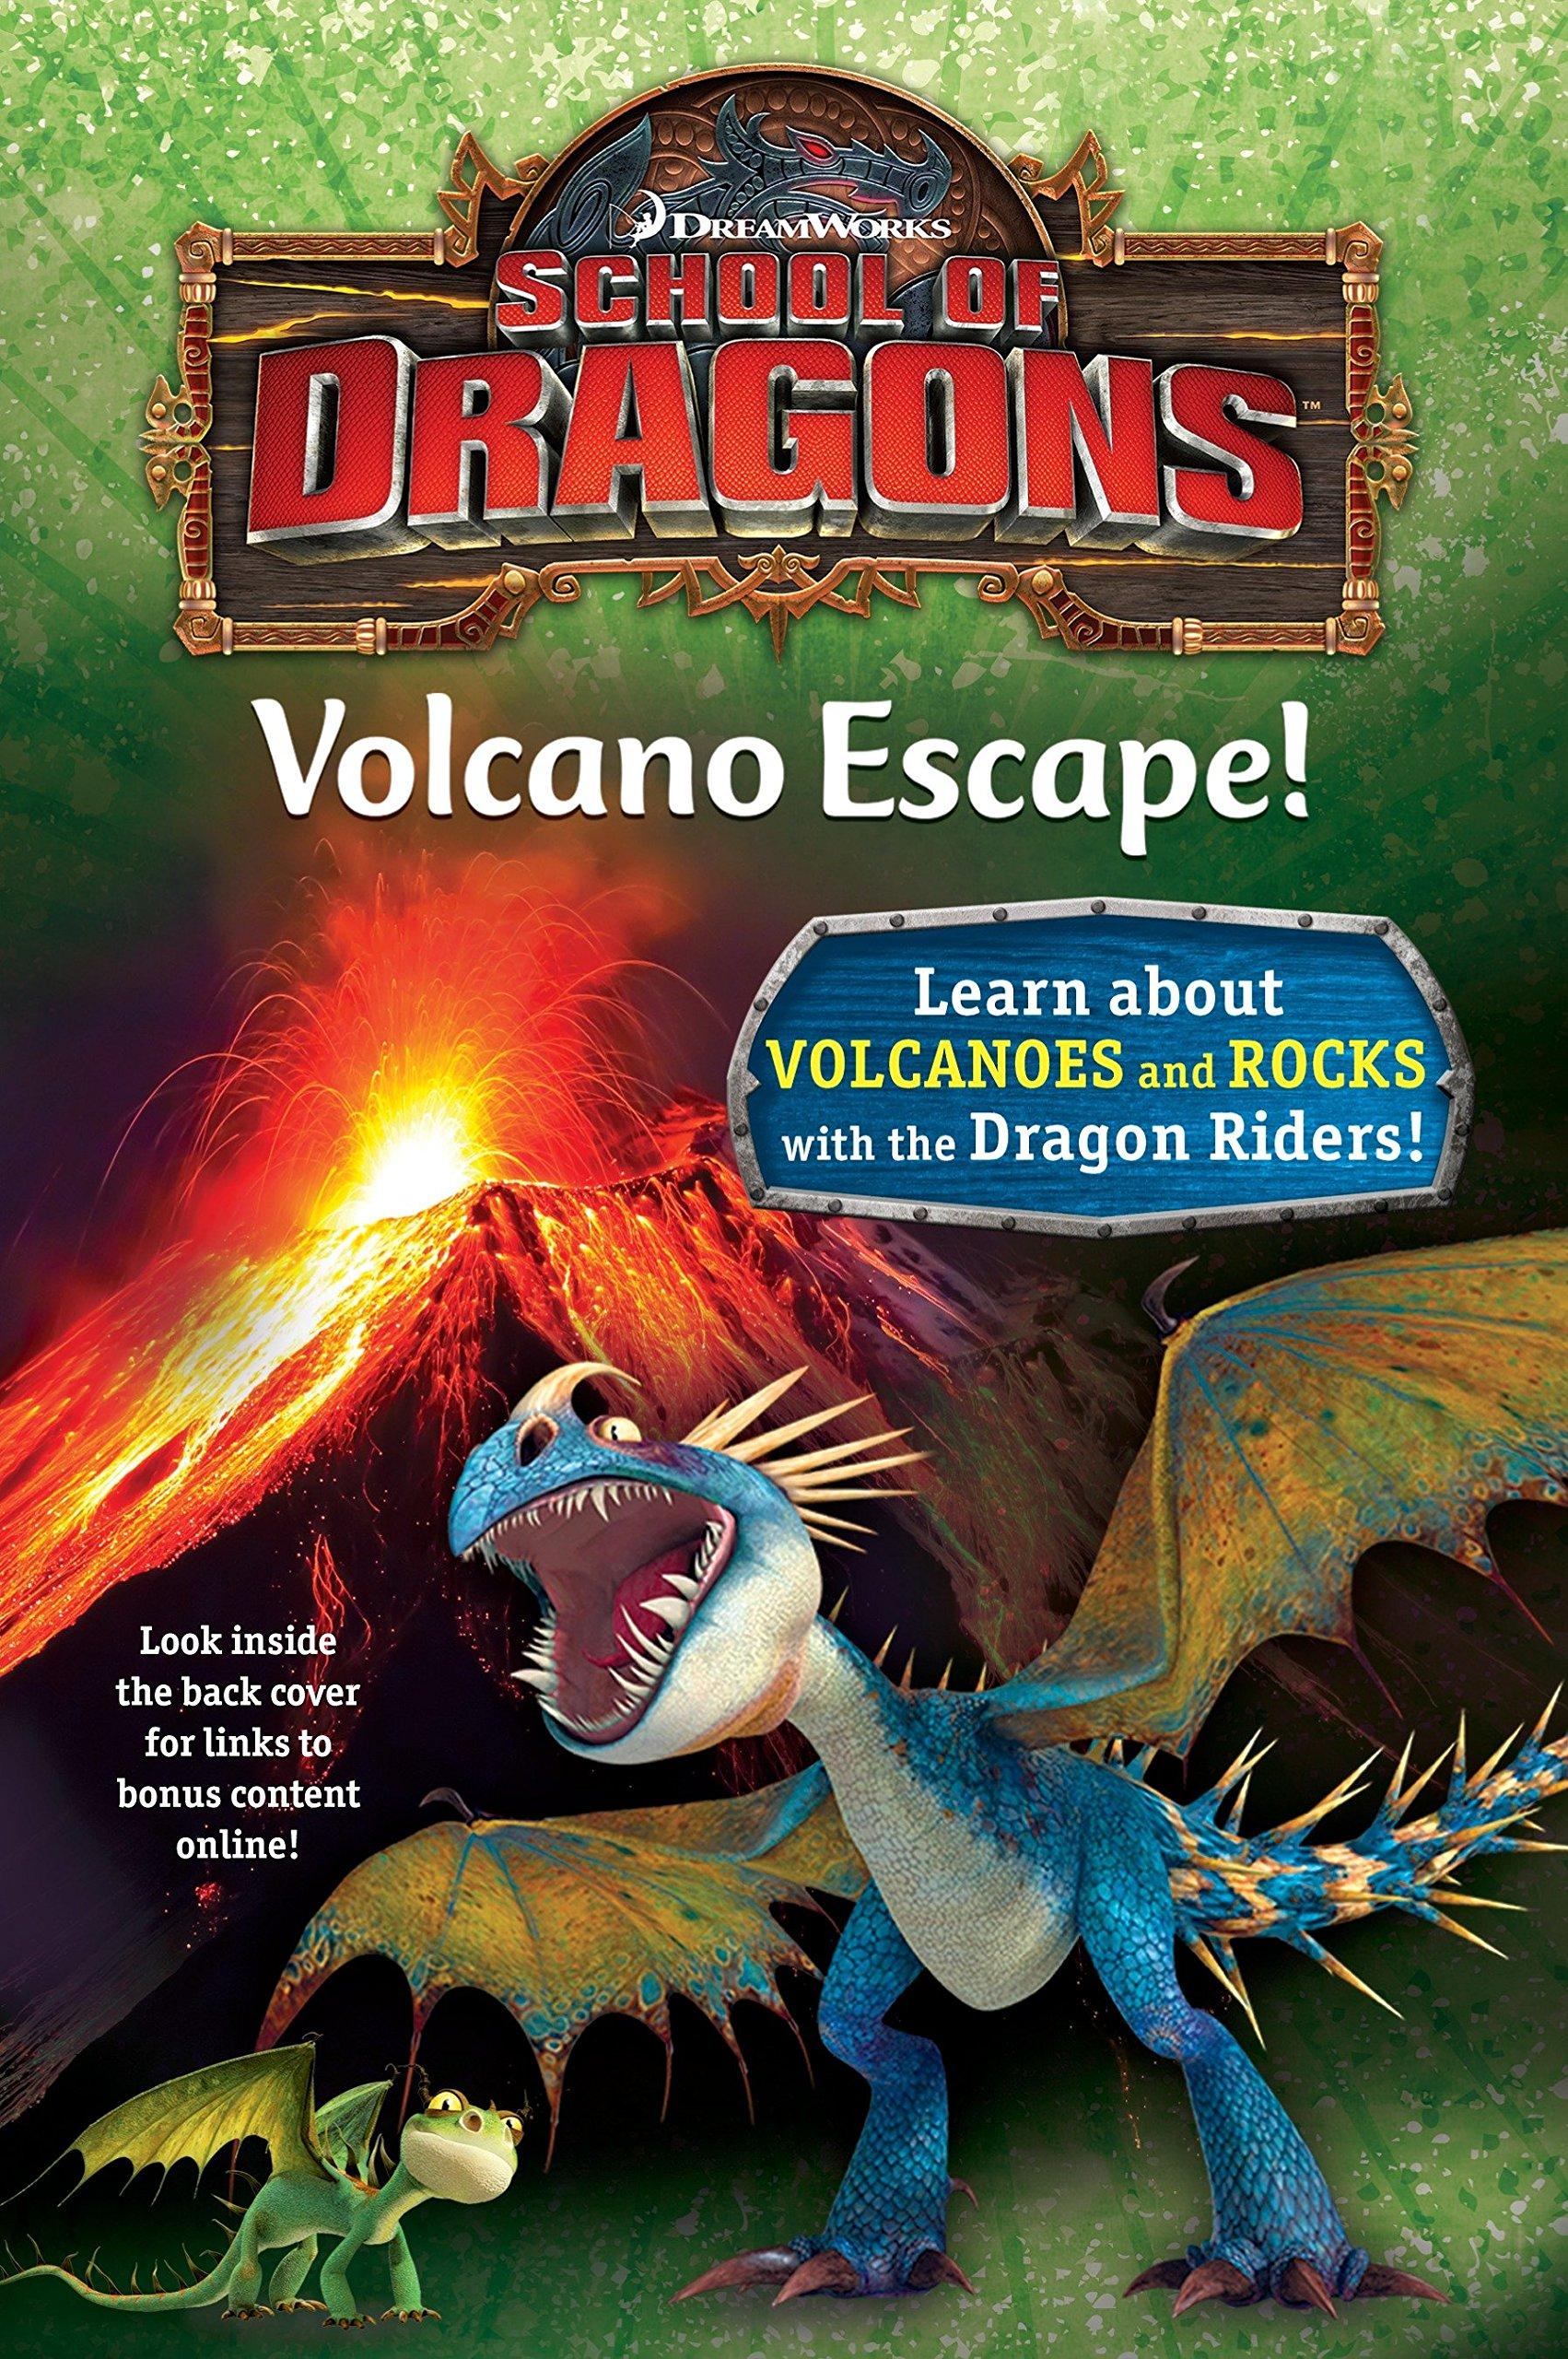 Download School of Dragons #1: Volcano Escape! (DreamWorks Dragons) ePub fb2 book